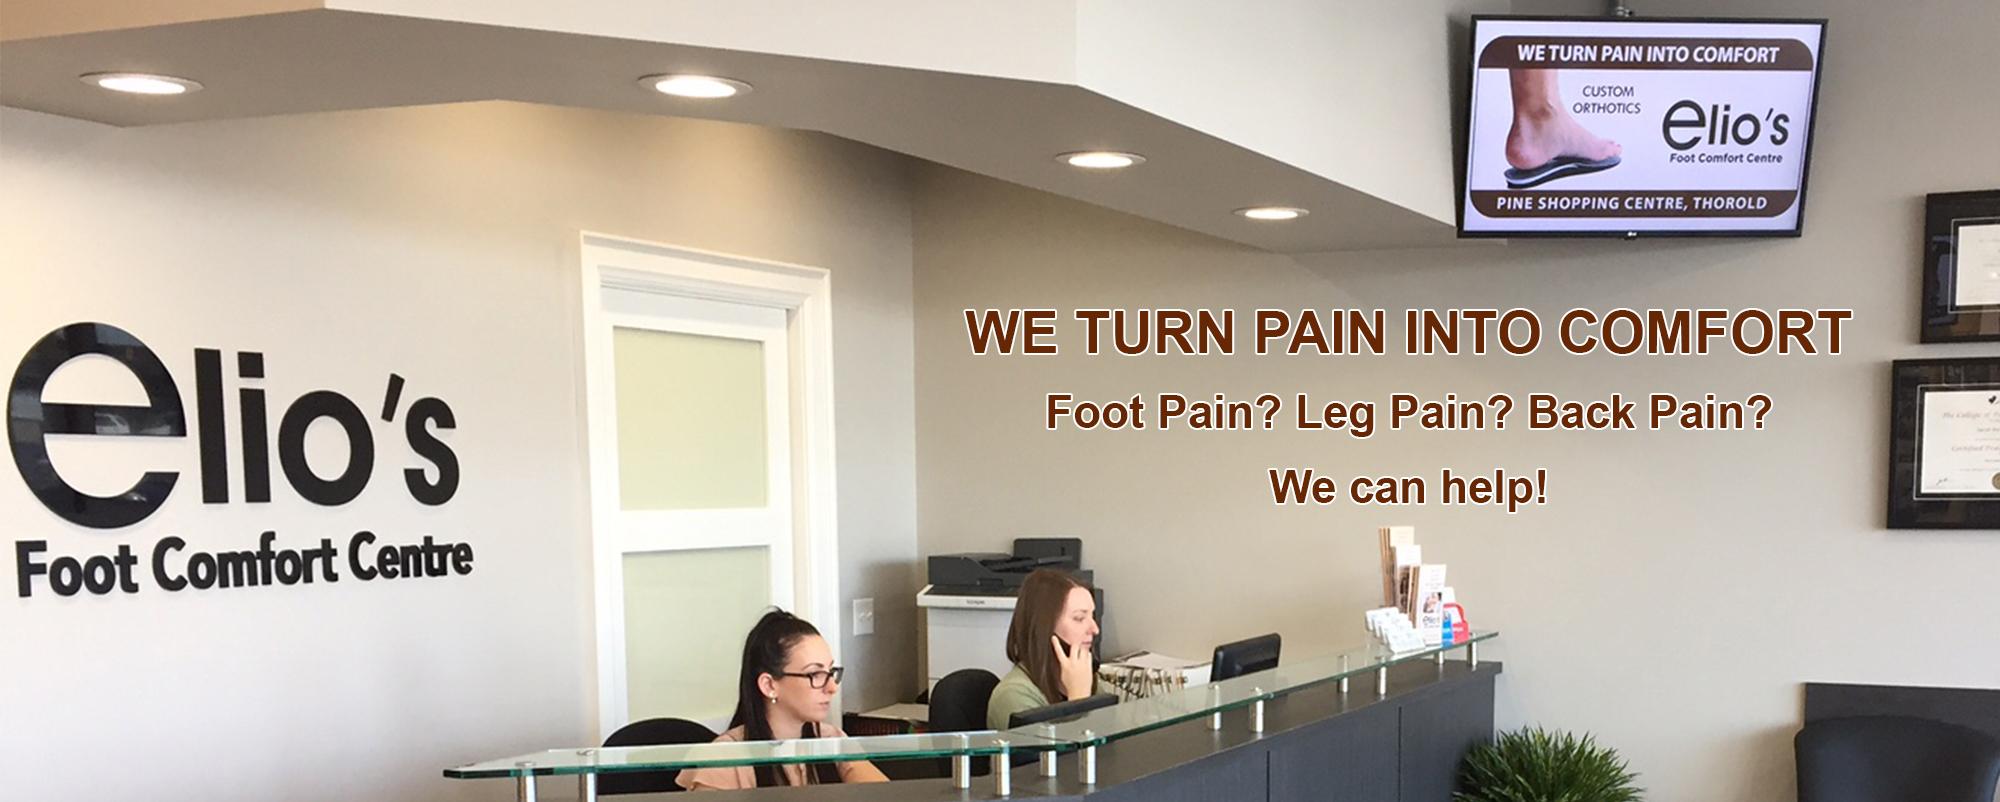 Elio's Foot Comfort Centre | Niagara foot care